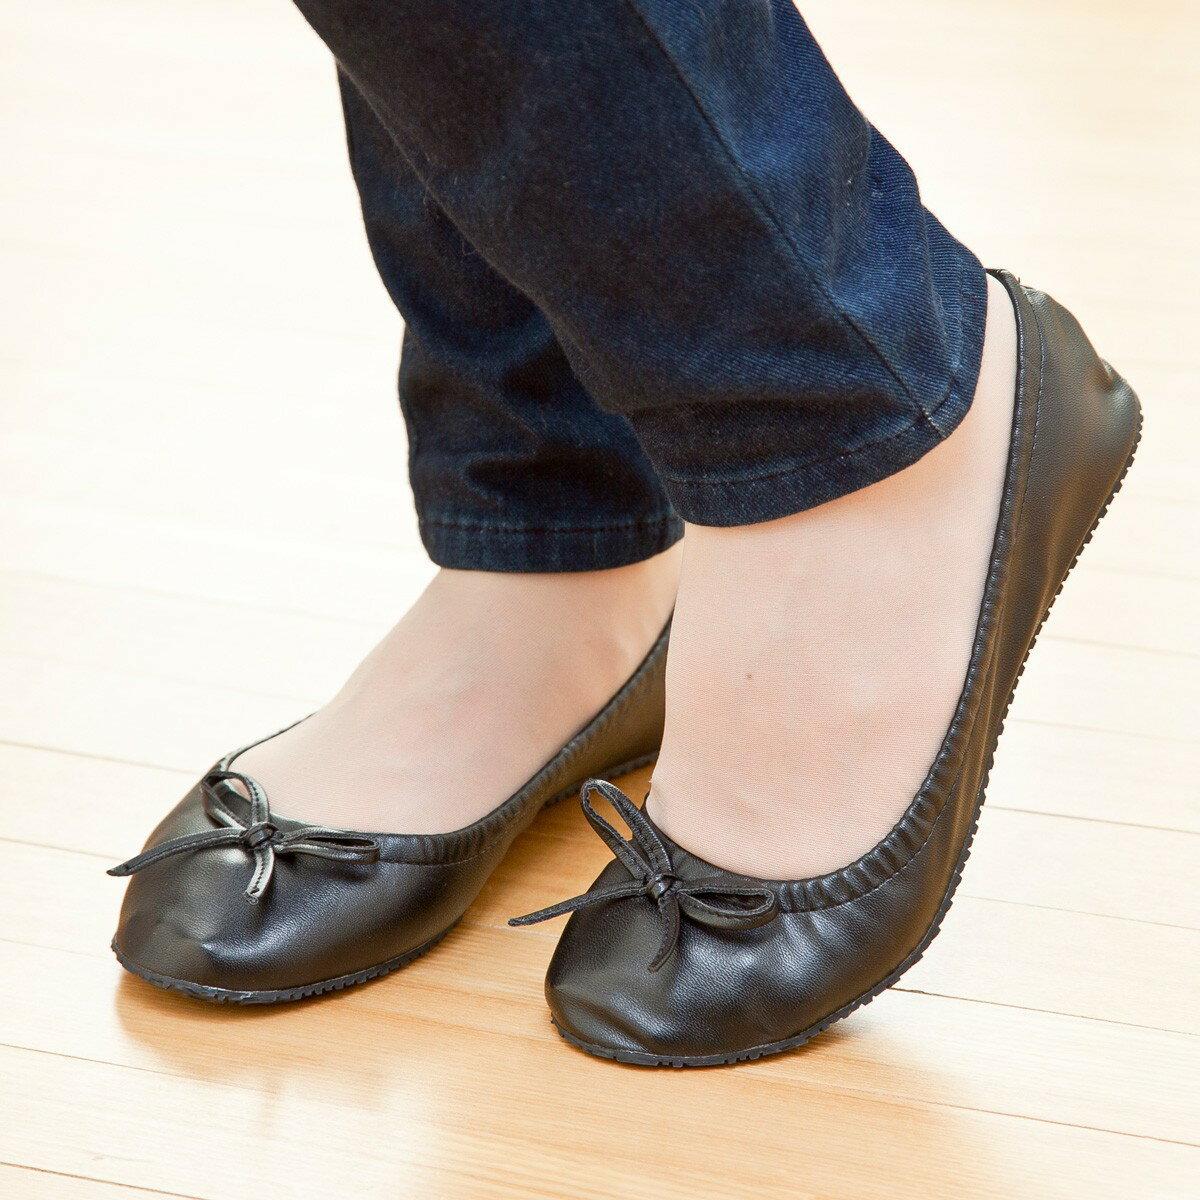 携帯用 シューズ 靴 旅行 外出先 飛行機 携帯リボン付バレーシューズ ブラック